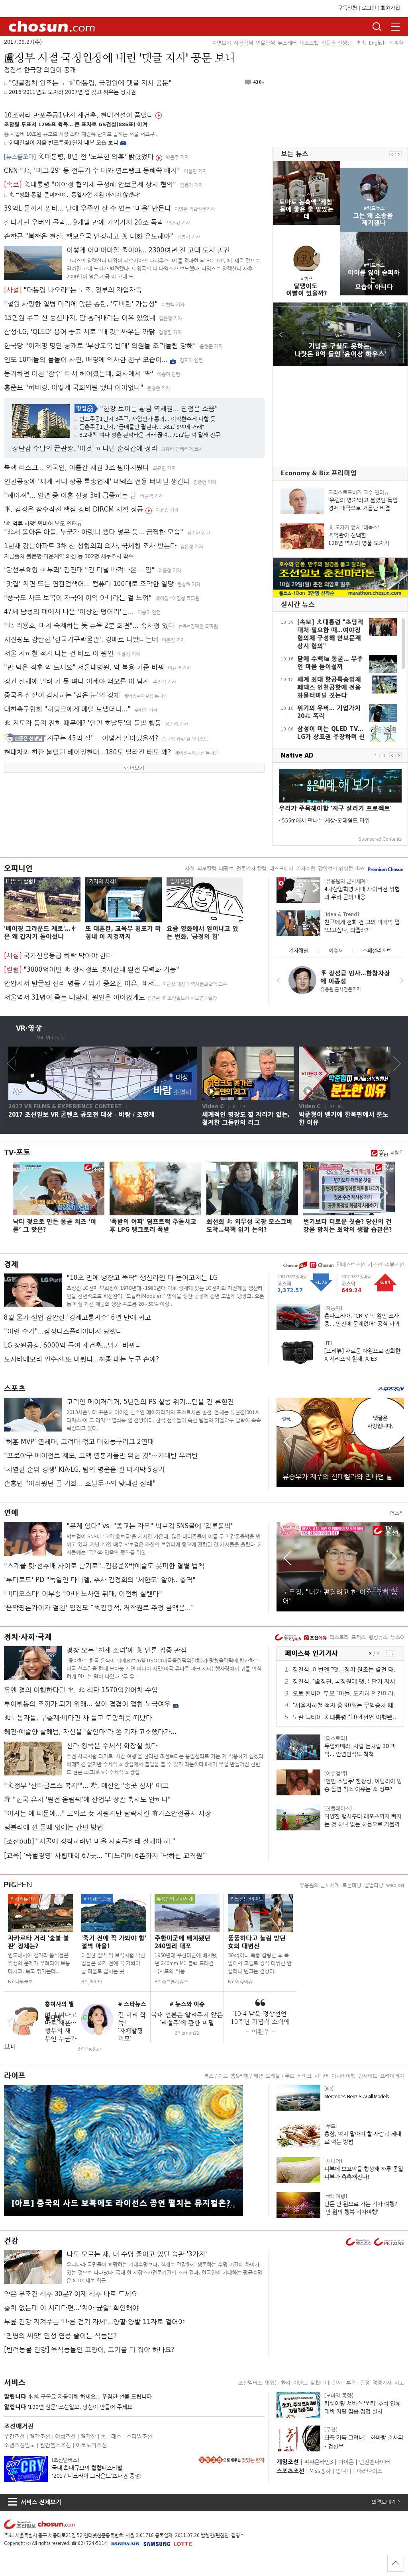 chosun.com at Wednesday Sept. 27, 2017, 11:04 a.m. UTC